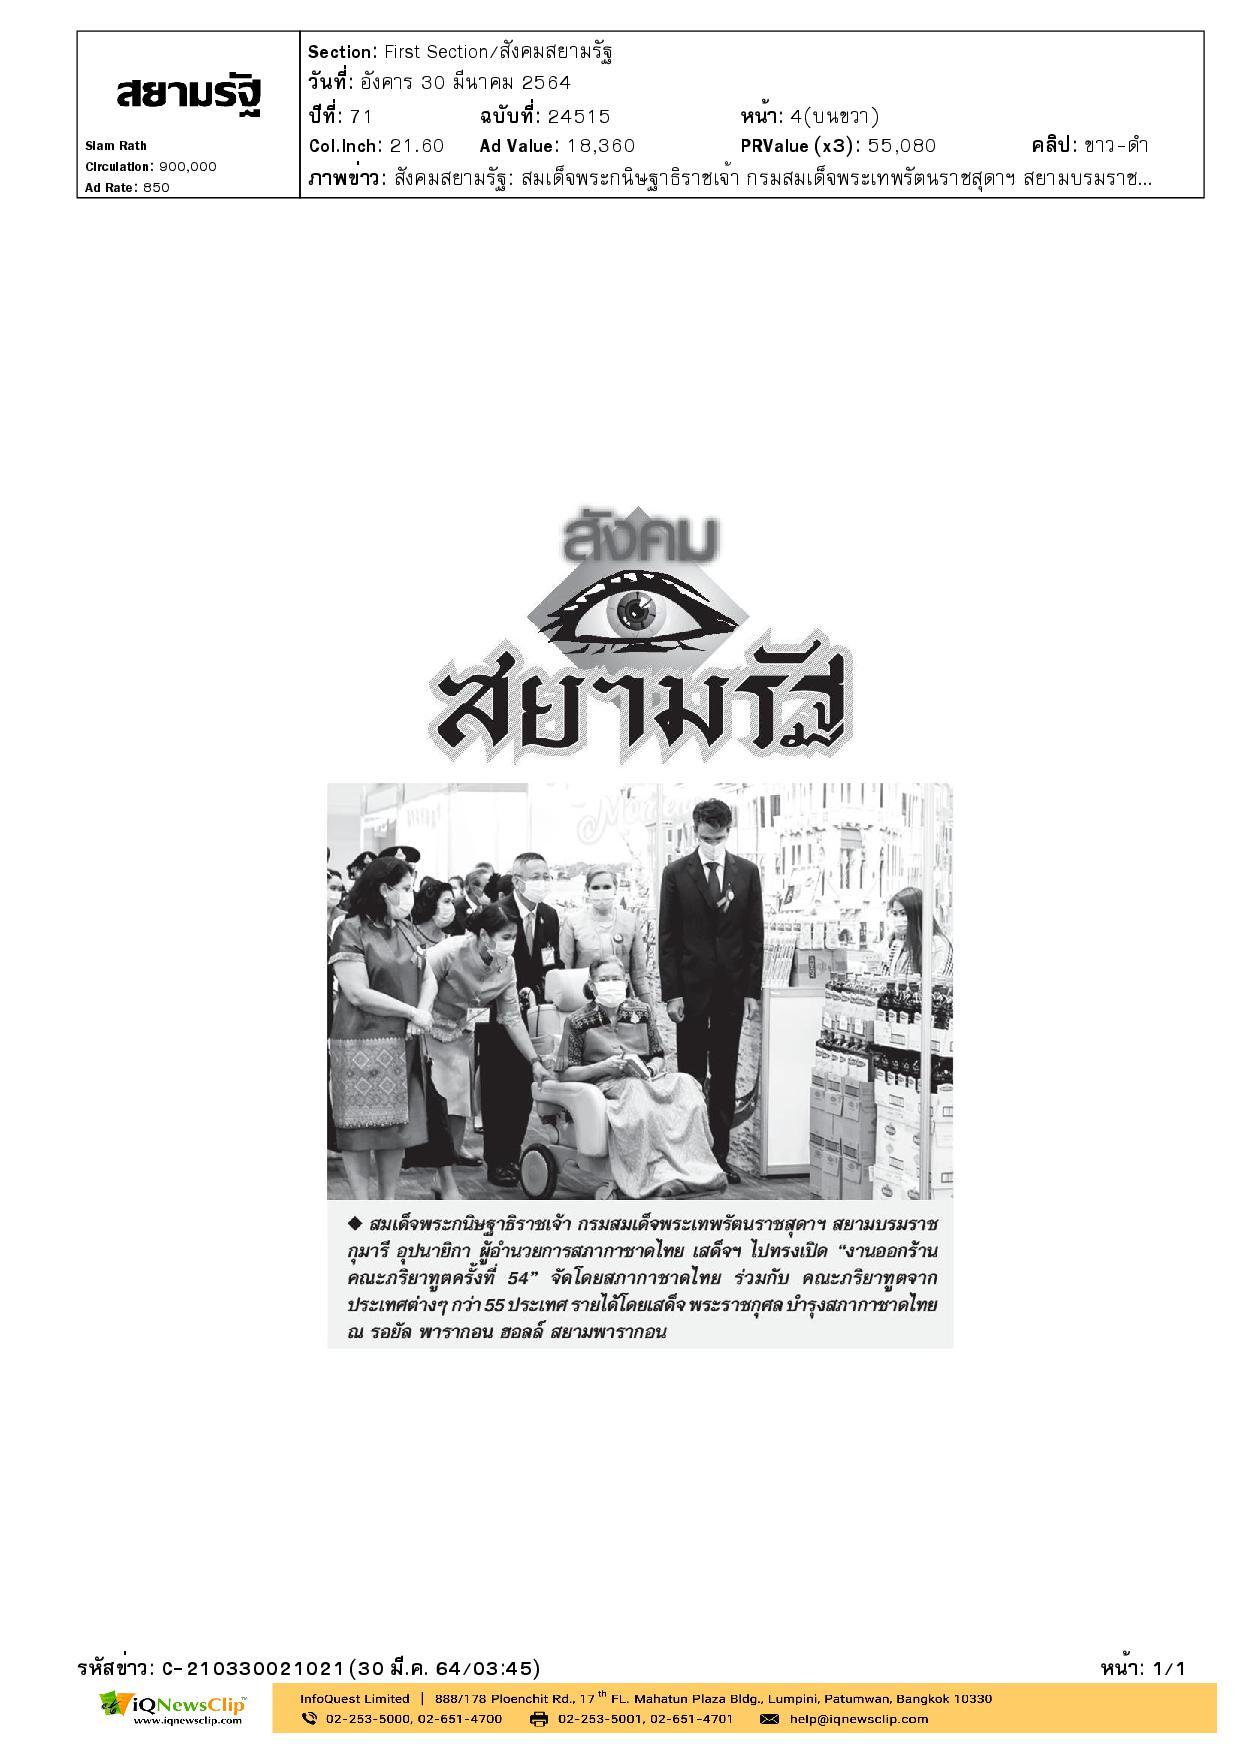 สมเด็จพระกนิษฐาธิราชเจ้า กรมสมเด็จพระเทพรัตนราชสุดาฯ สยามบรมราชกุมารี ทรงเป็นประธานเปิดงานออกร้านคณะภริยาฑูต ครั้งที่ 54